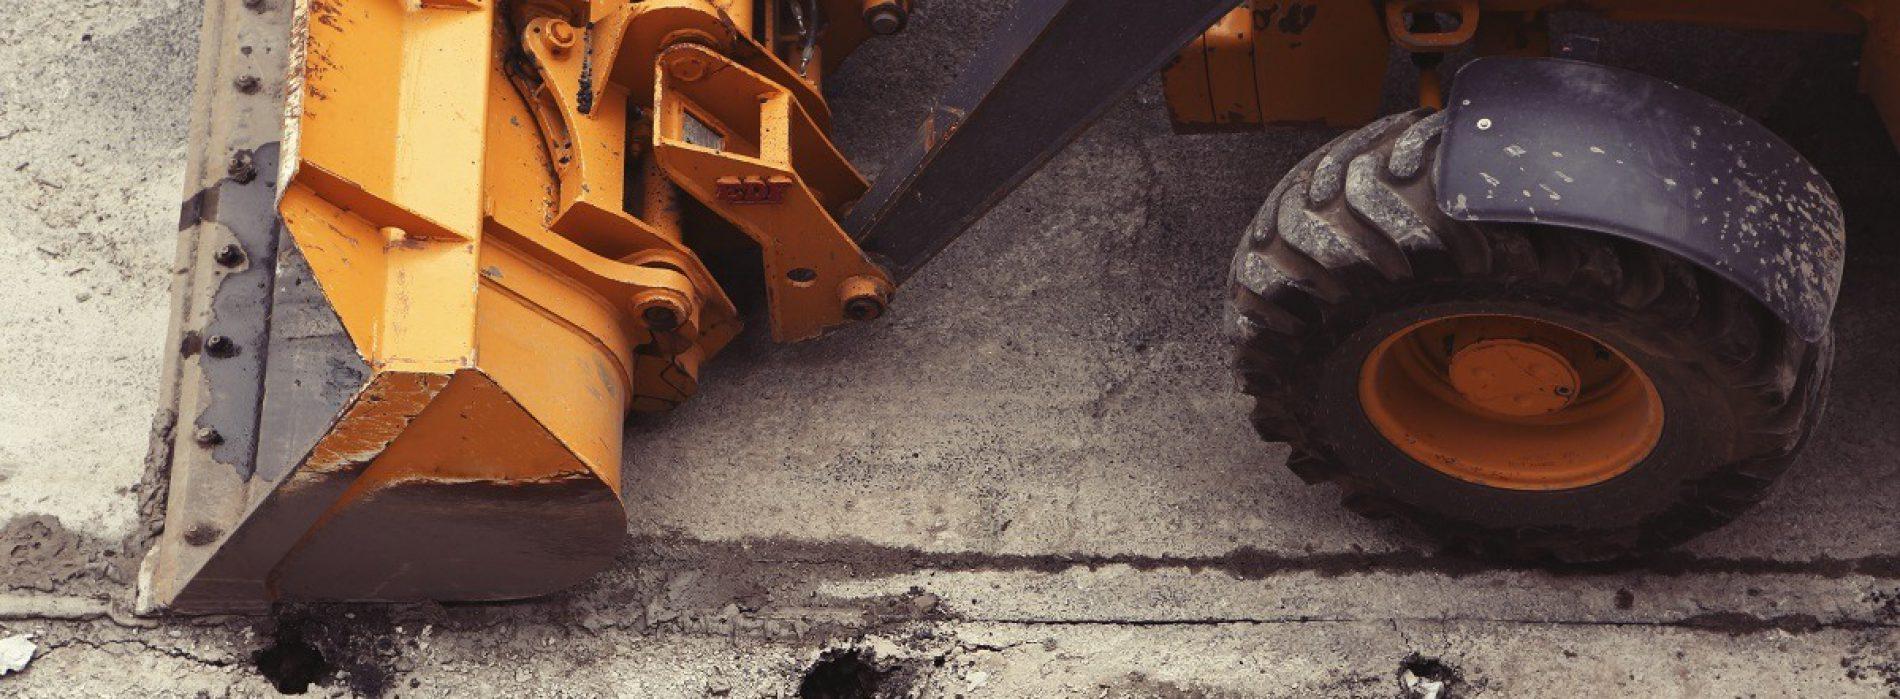 Macchine per costruzione in linea con l'ecosostenibilità